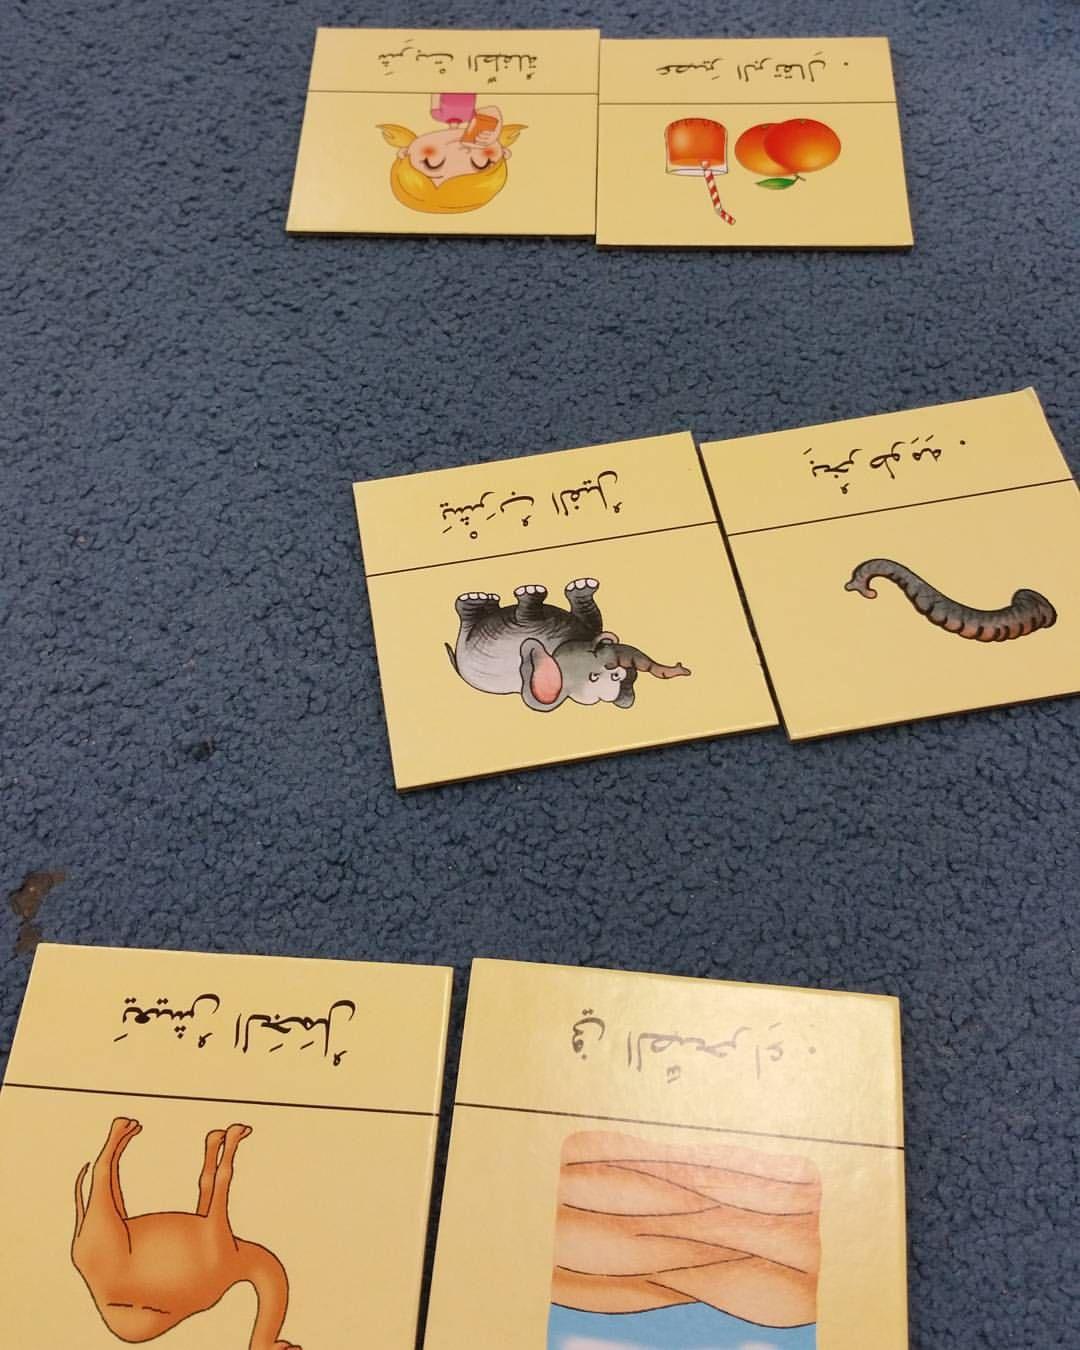 جميلة الشمري On Instagram تركيب جمل بسيطة مستوى متقدم مرحلة التمهيدي مدارس تطوي Arabic Lessons Modern Foreign Languages Learning Centers